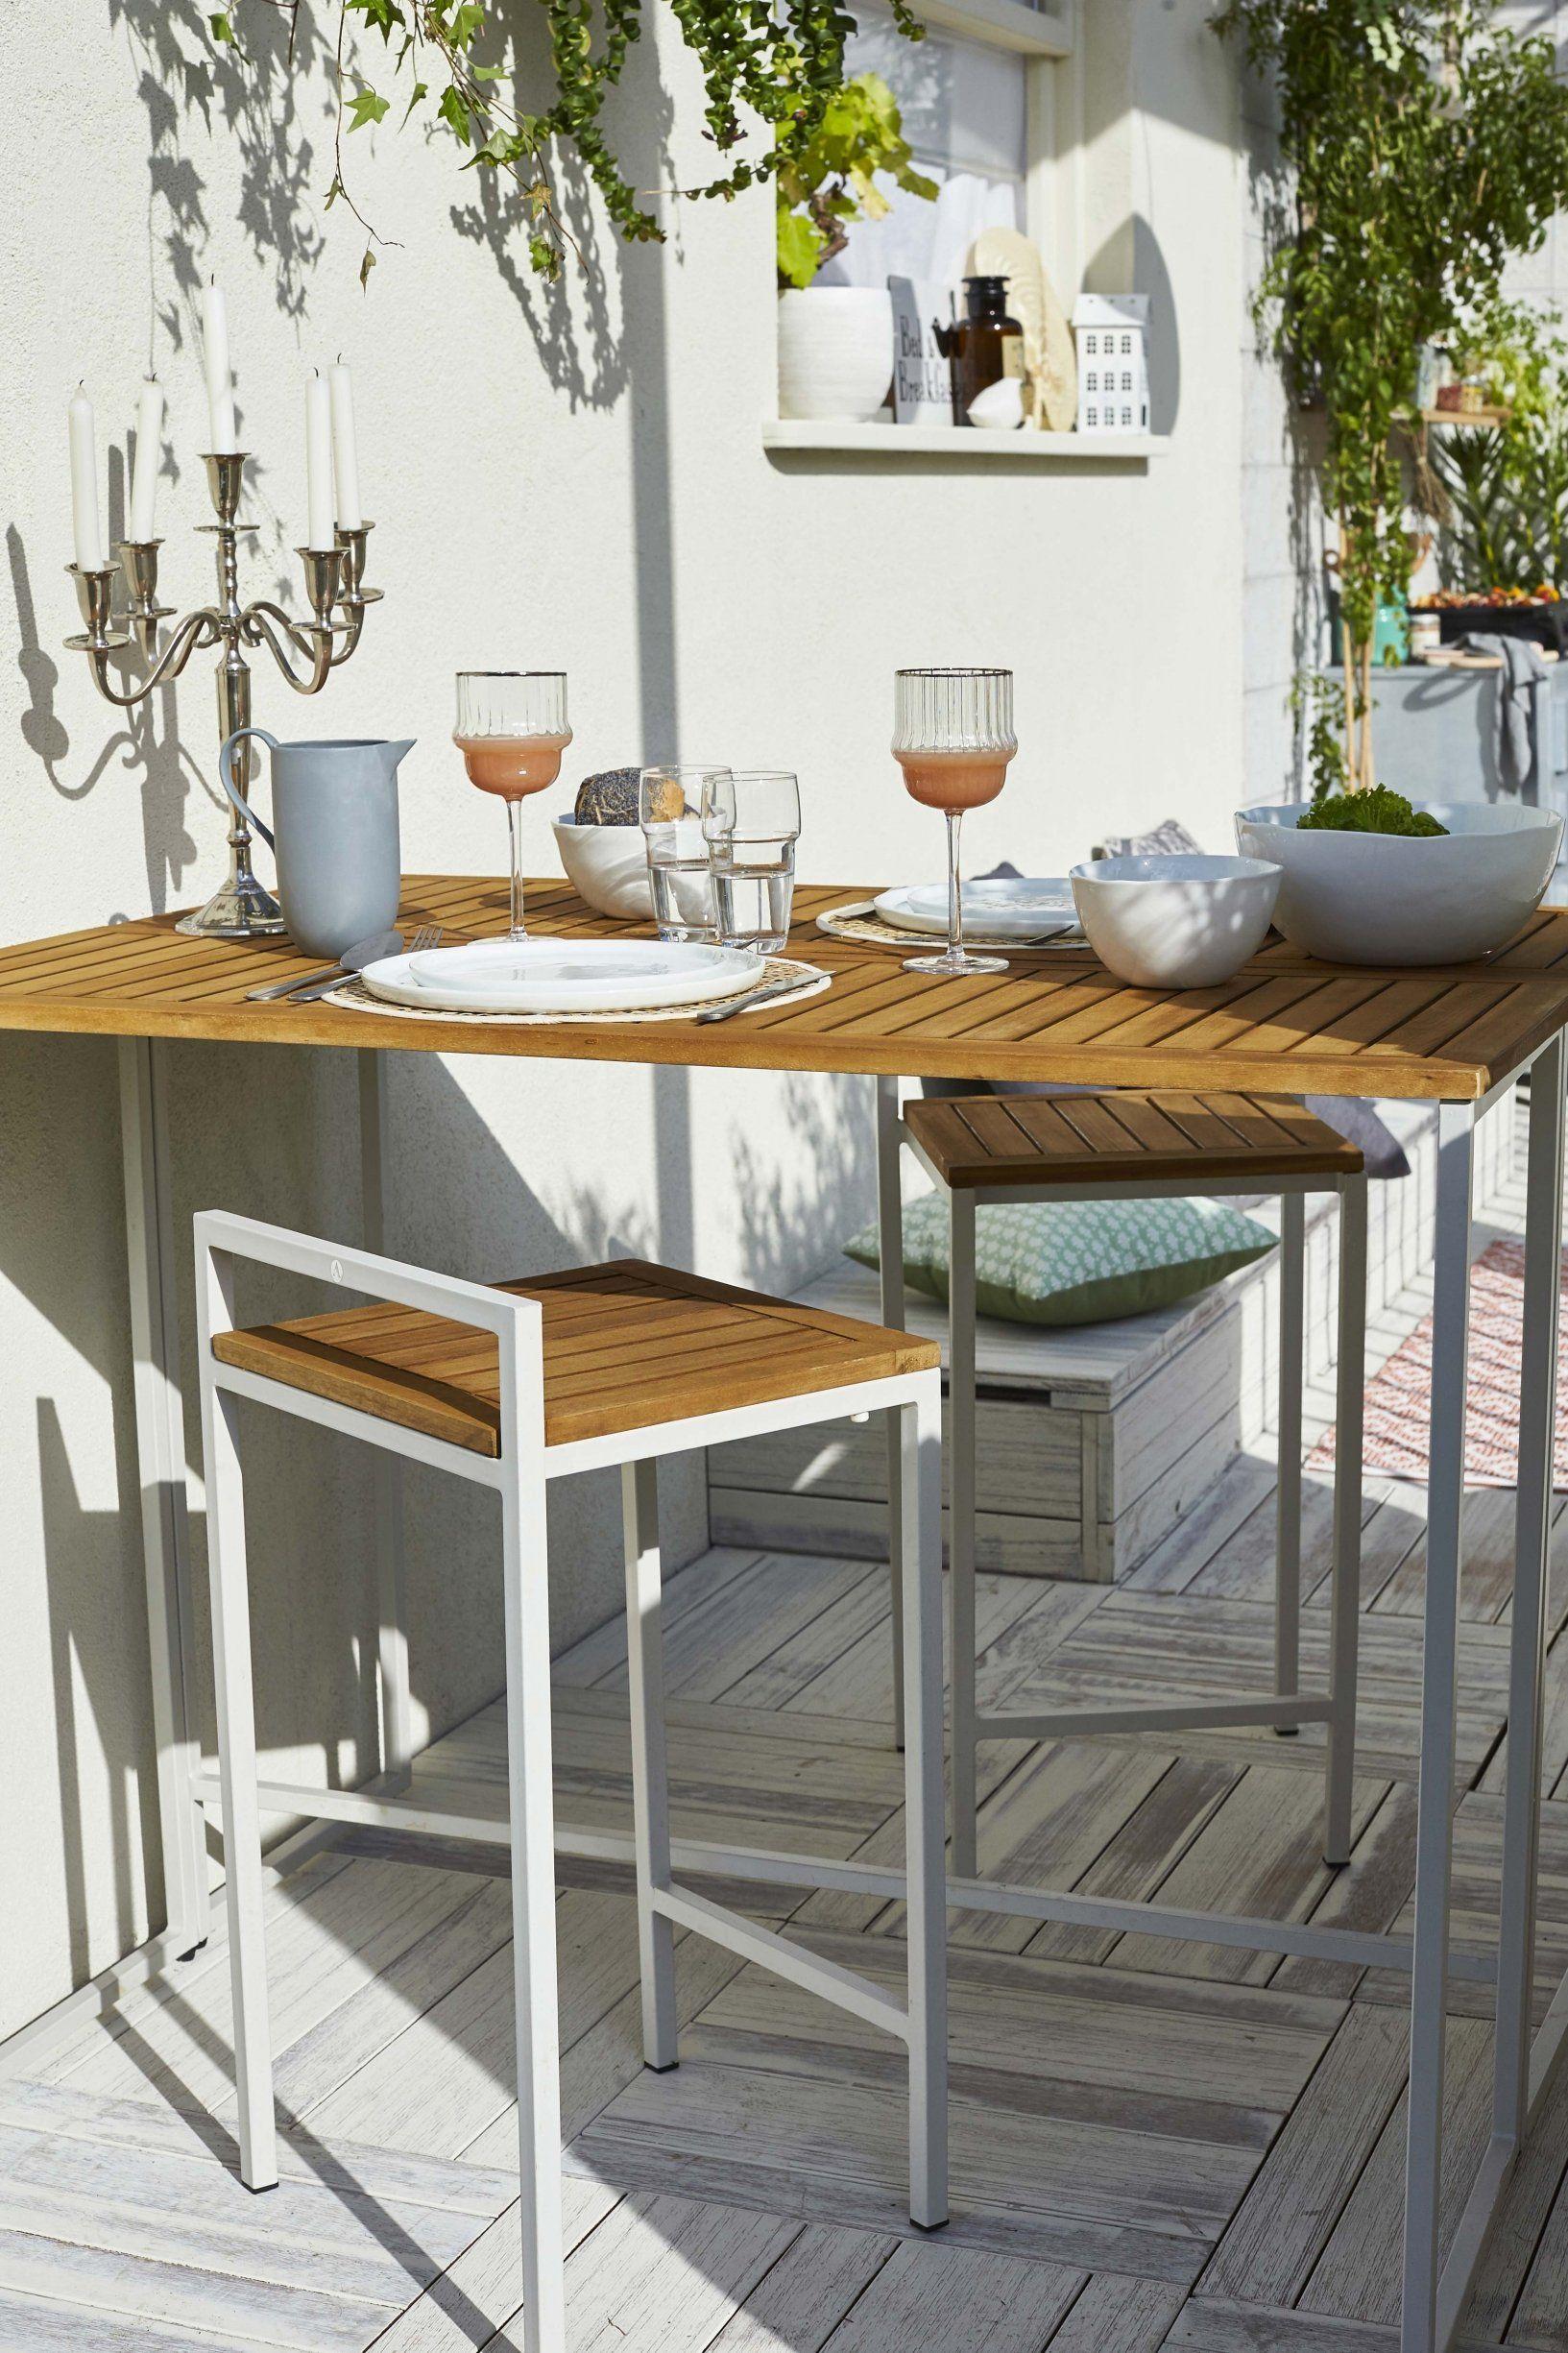 20 Meubles Chics Et Pratiques Pour Le Balcon Table